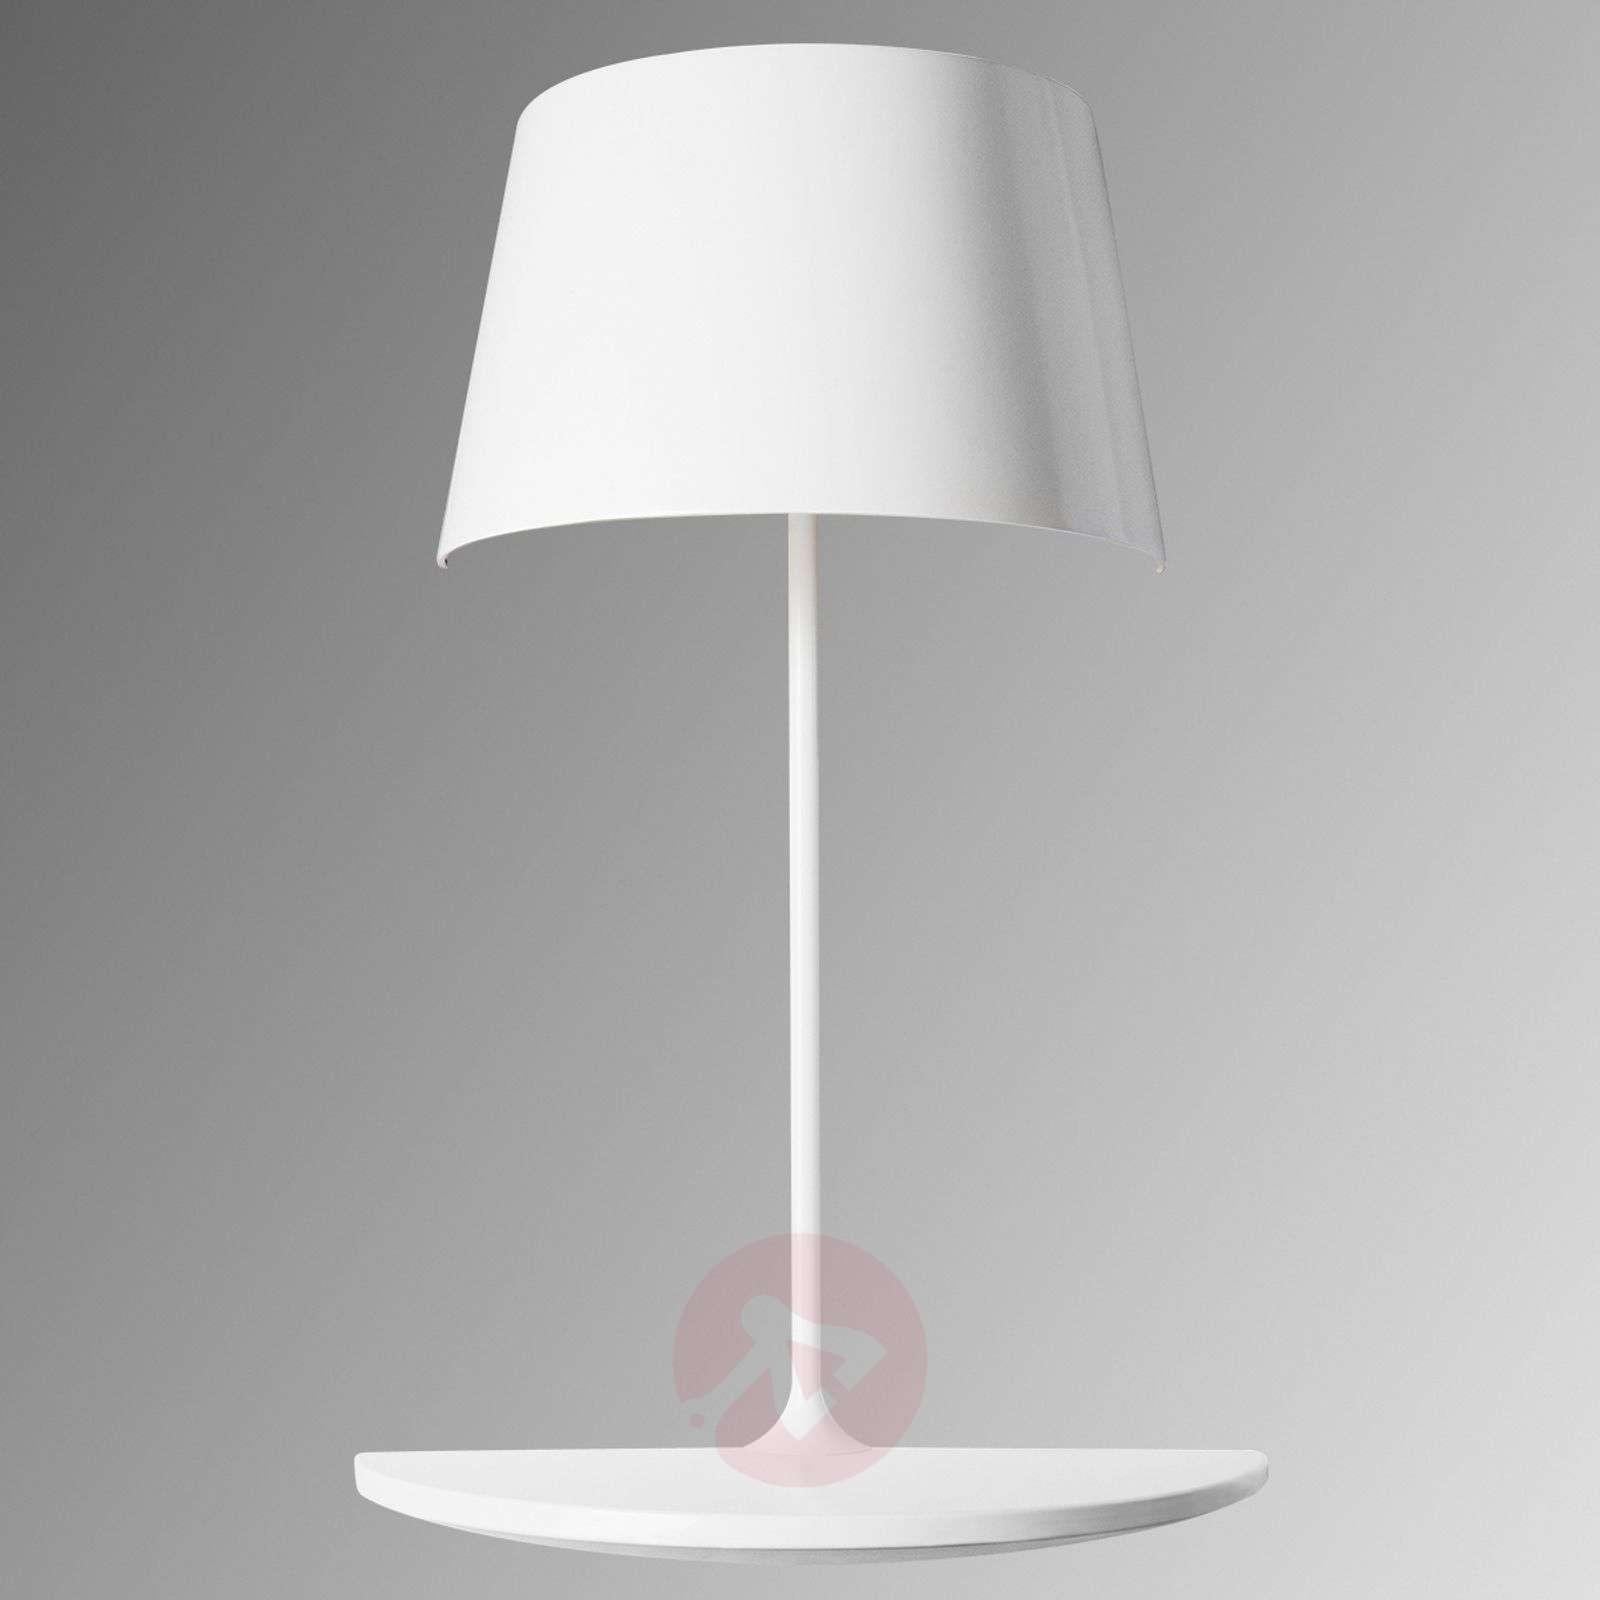 Illusion Half – design-seinävalaisin ja pöytä-7013025X-09